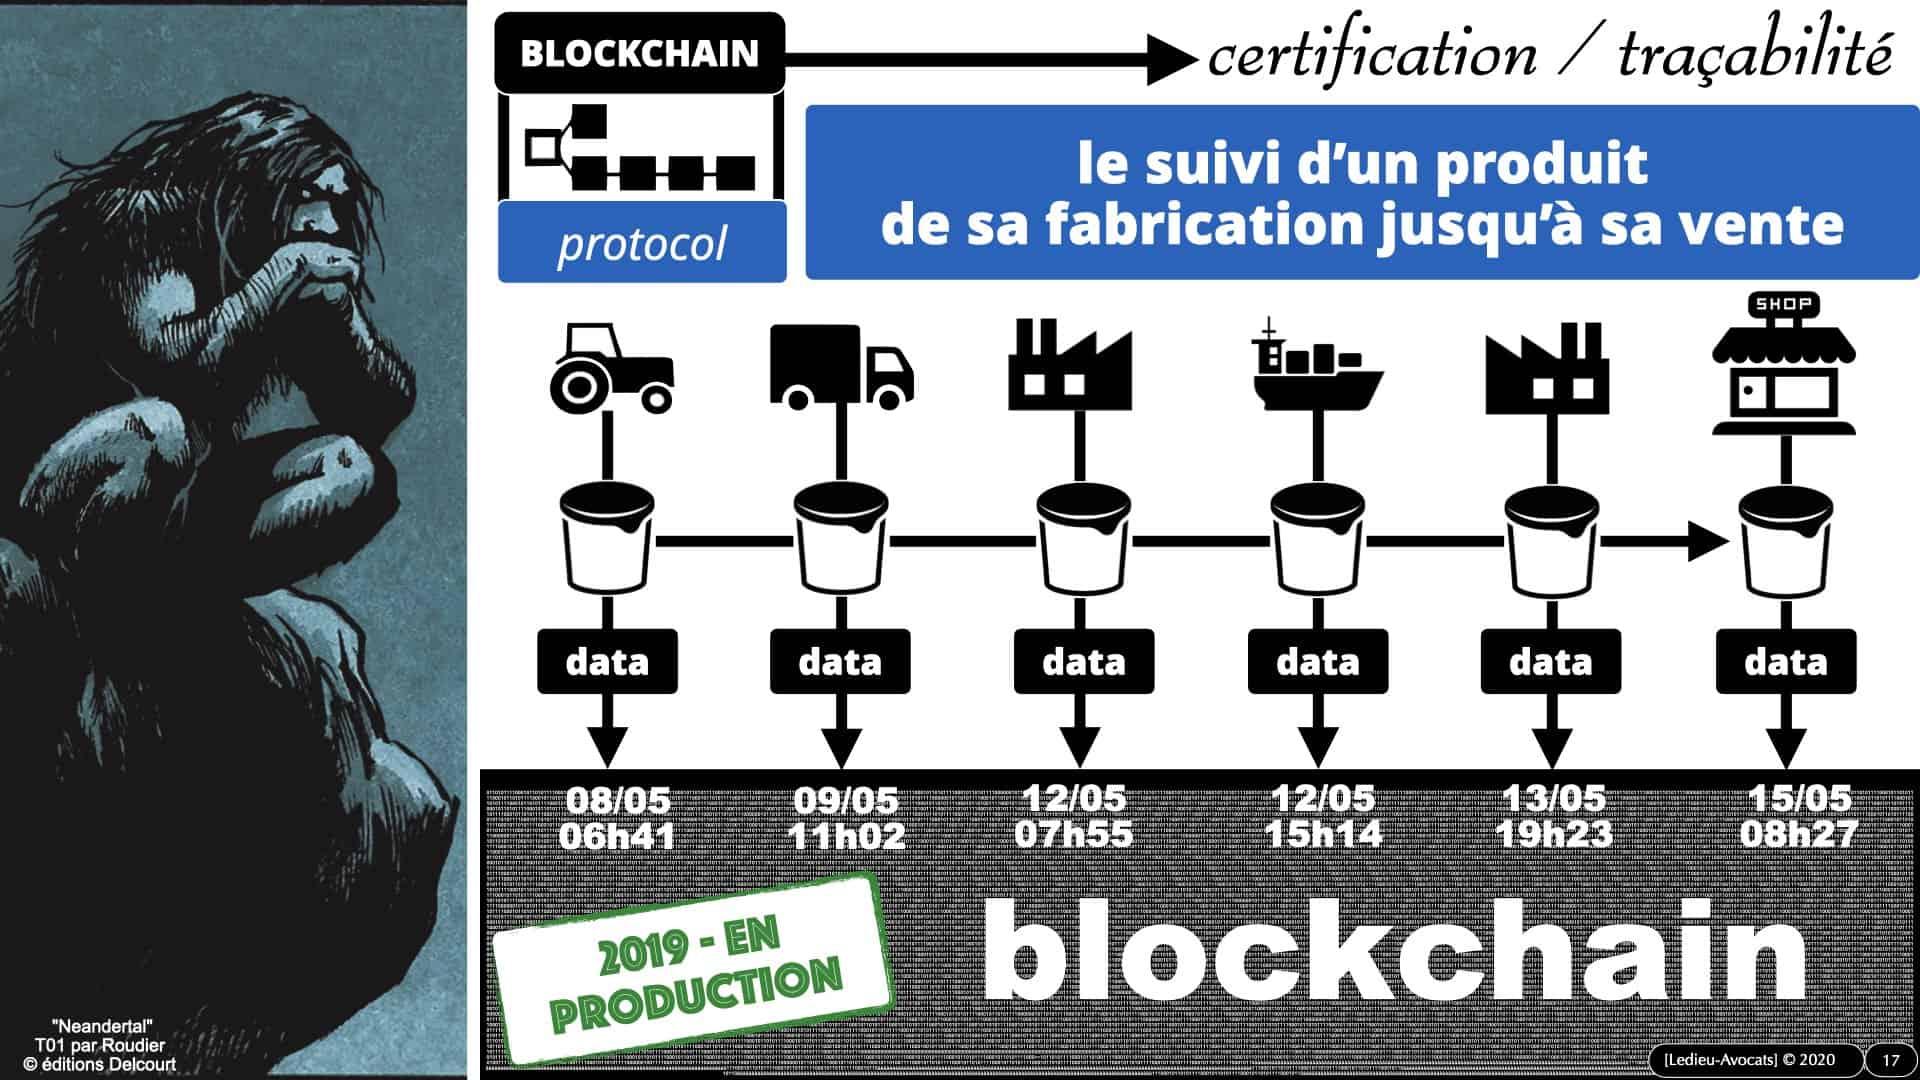 328 blockchain et cyber sécurité podcast NoLimitSecu © Ledieu-Avocats 28-02-2021